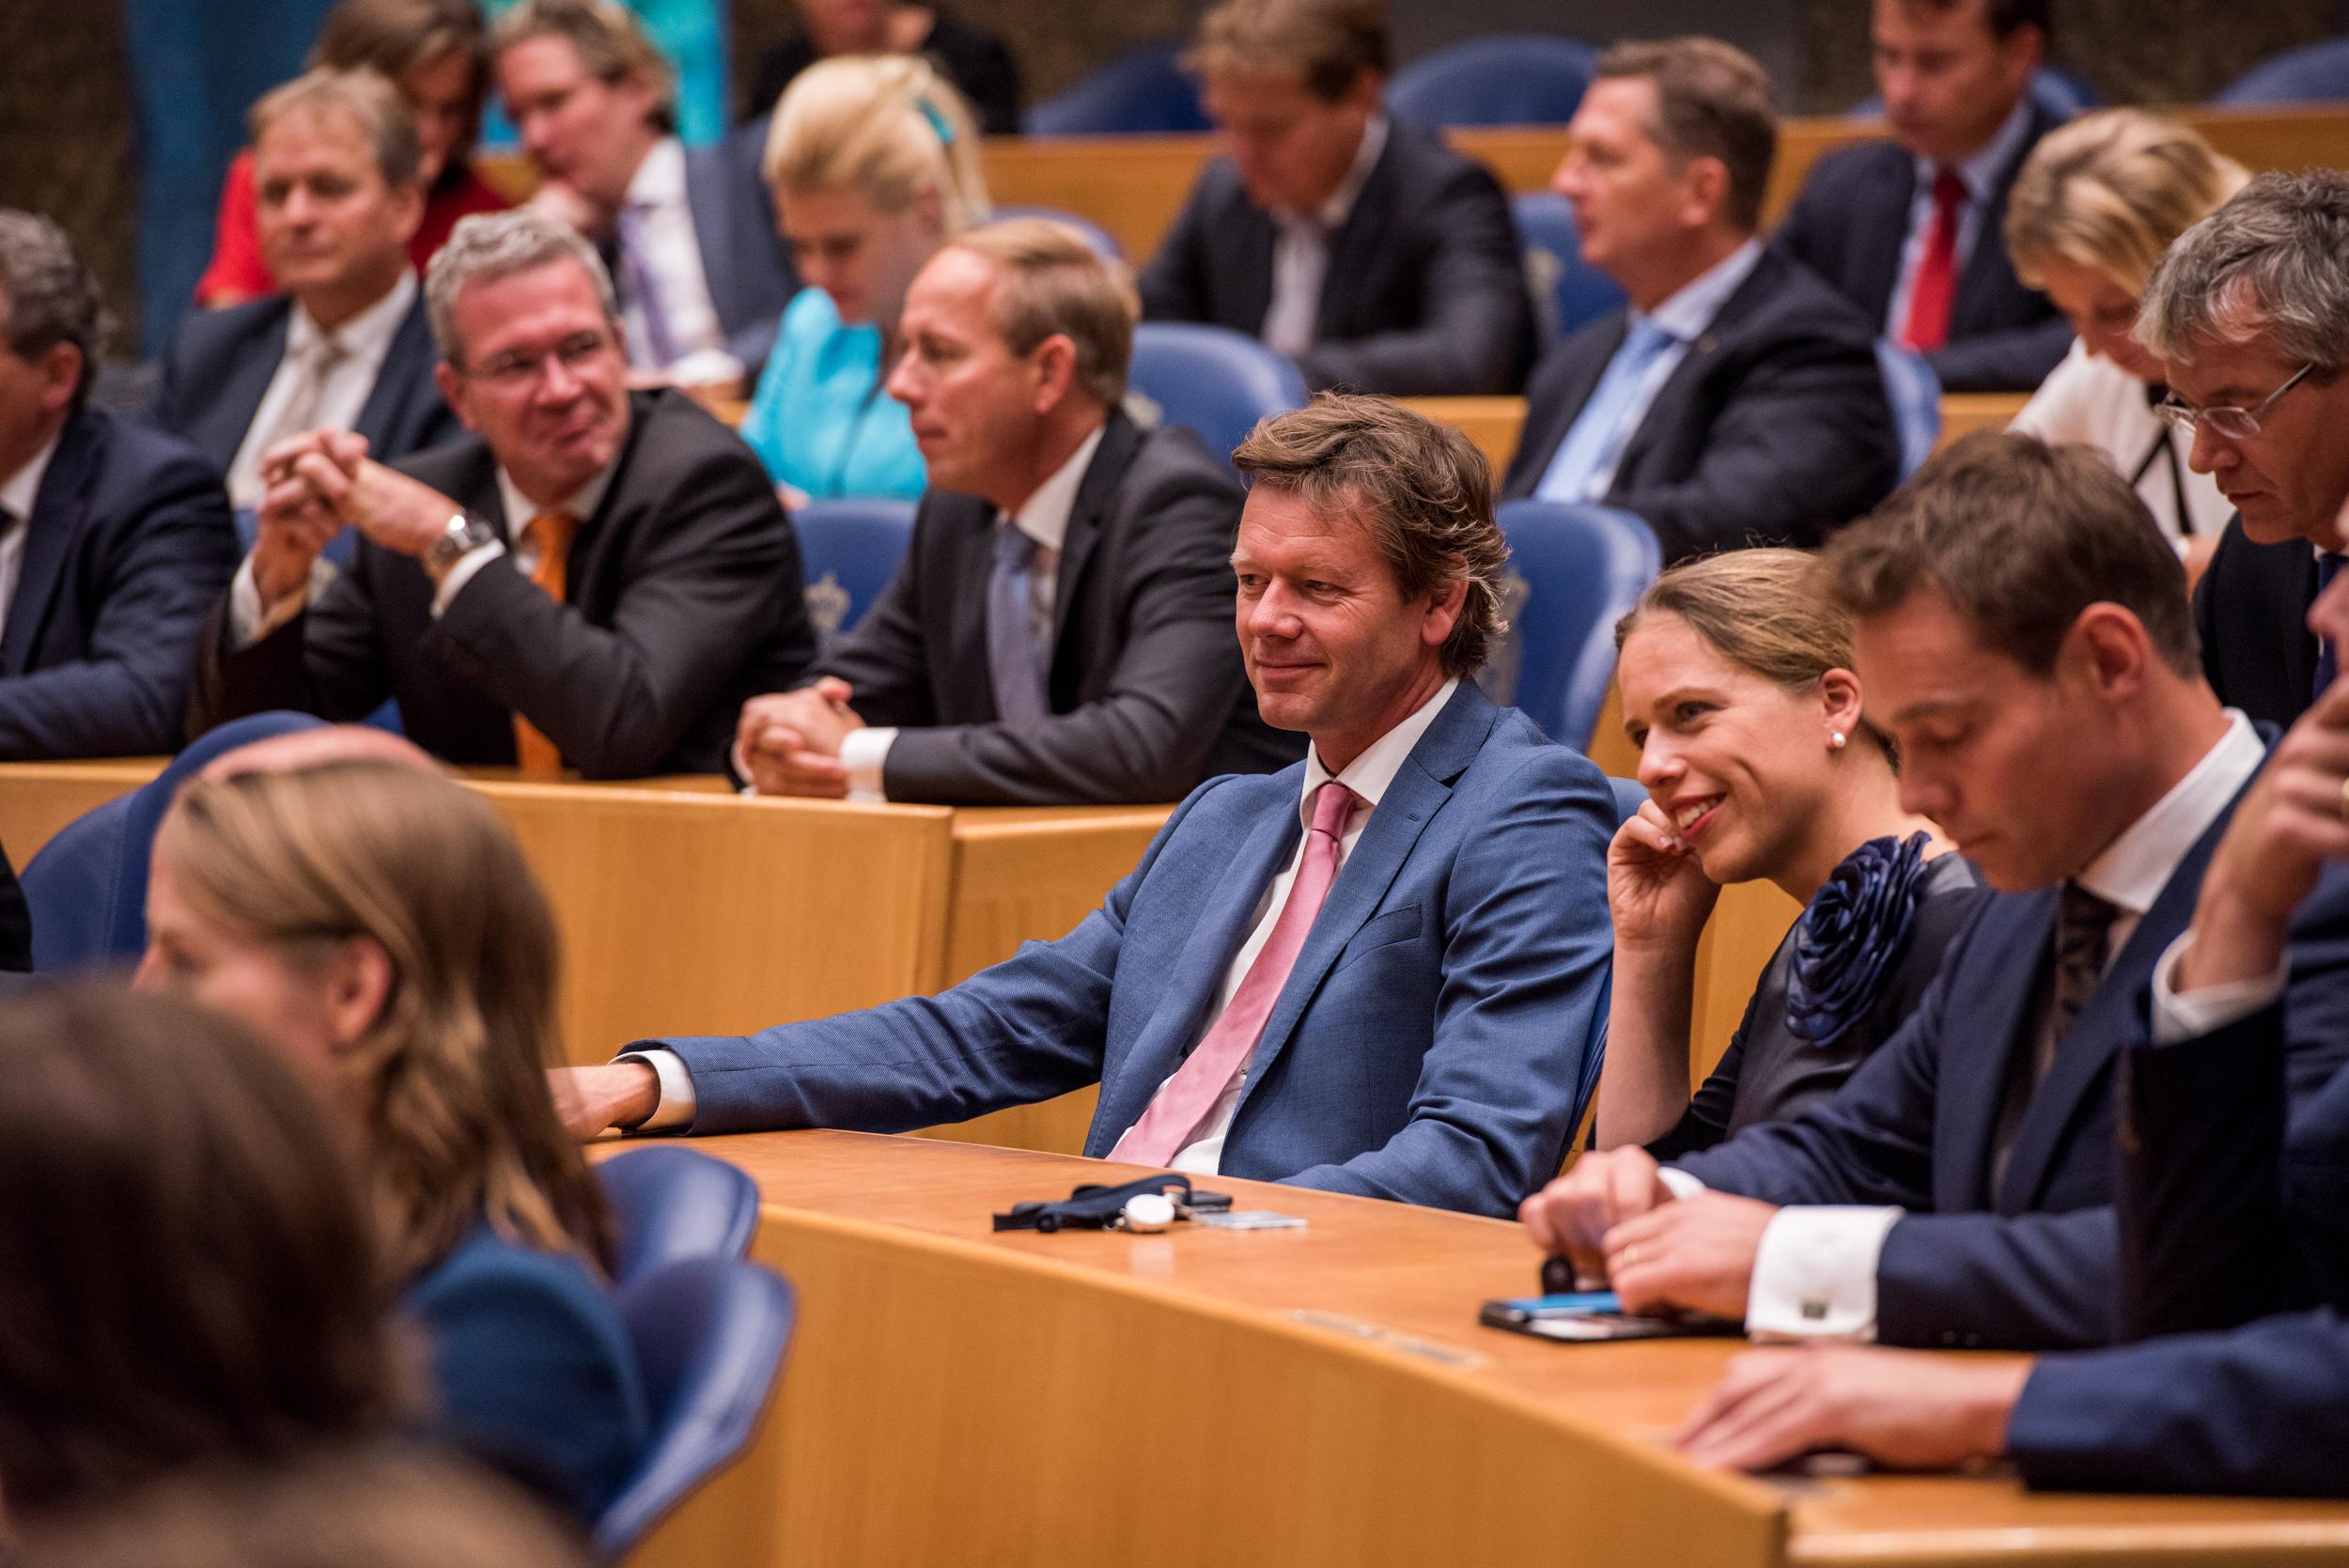 CU-Kamerlid Joël Voordewind temidden van zijn collega's